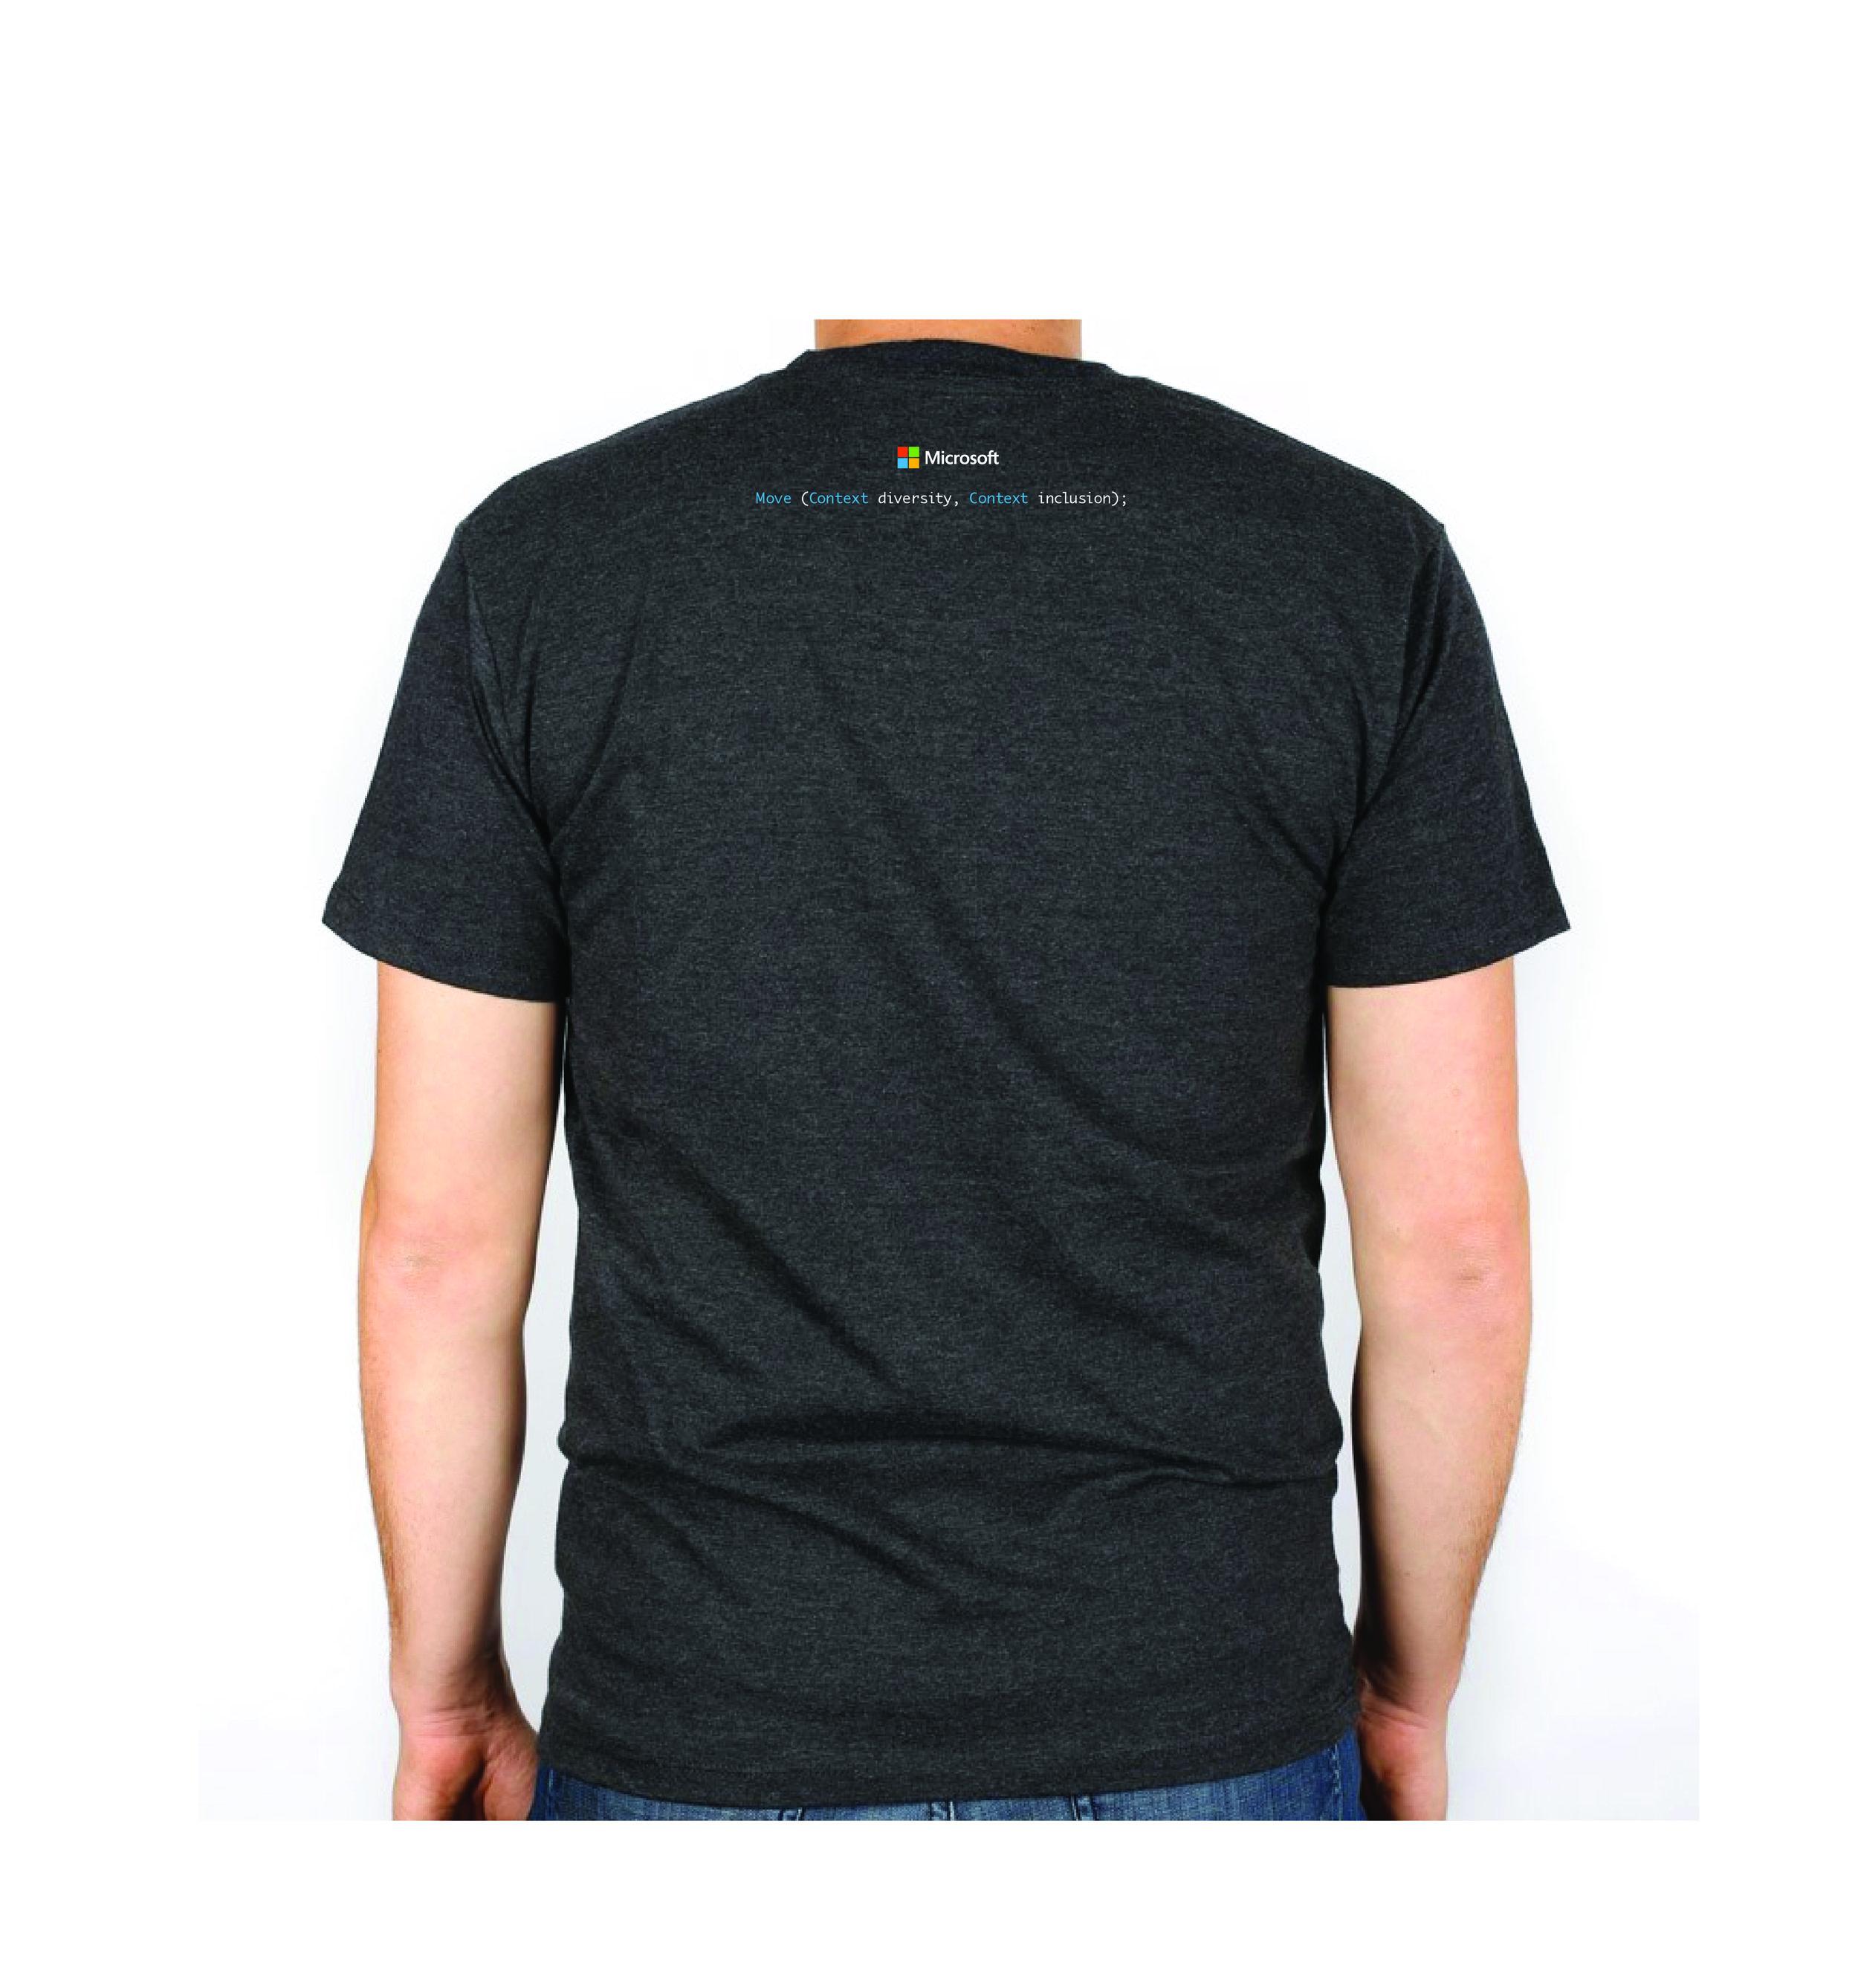 shirtback@2x-100.jpg